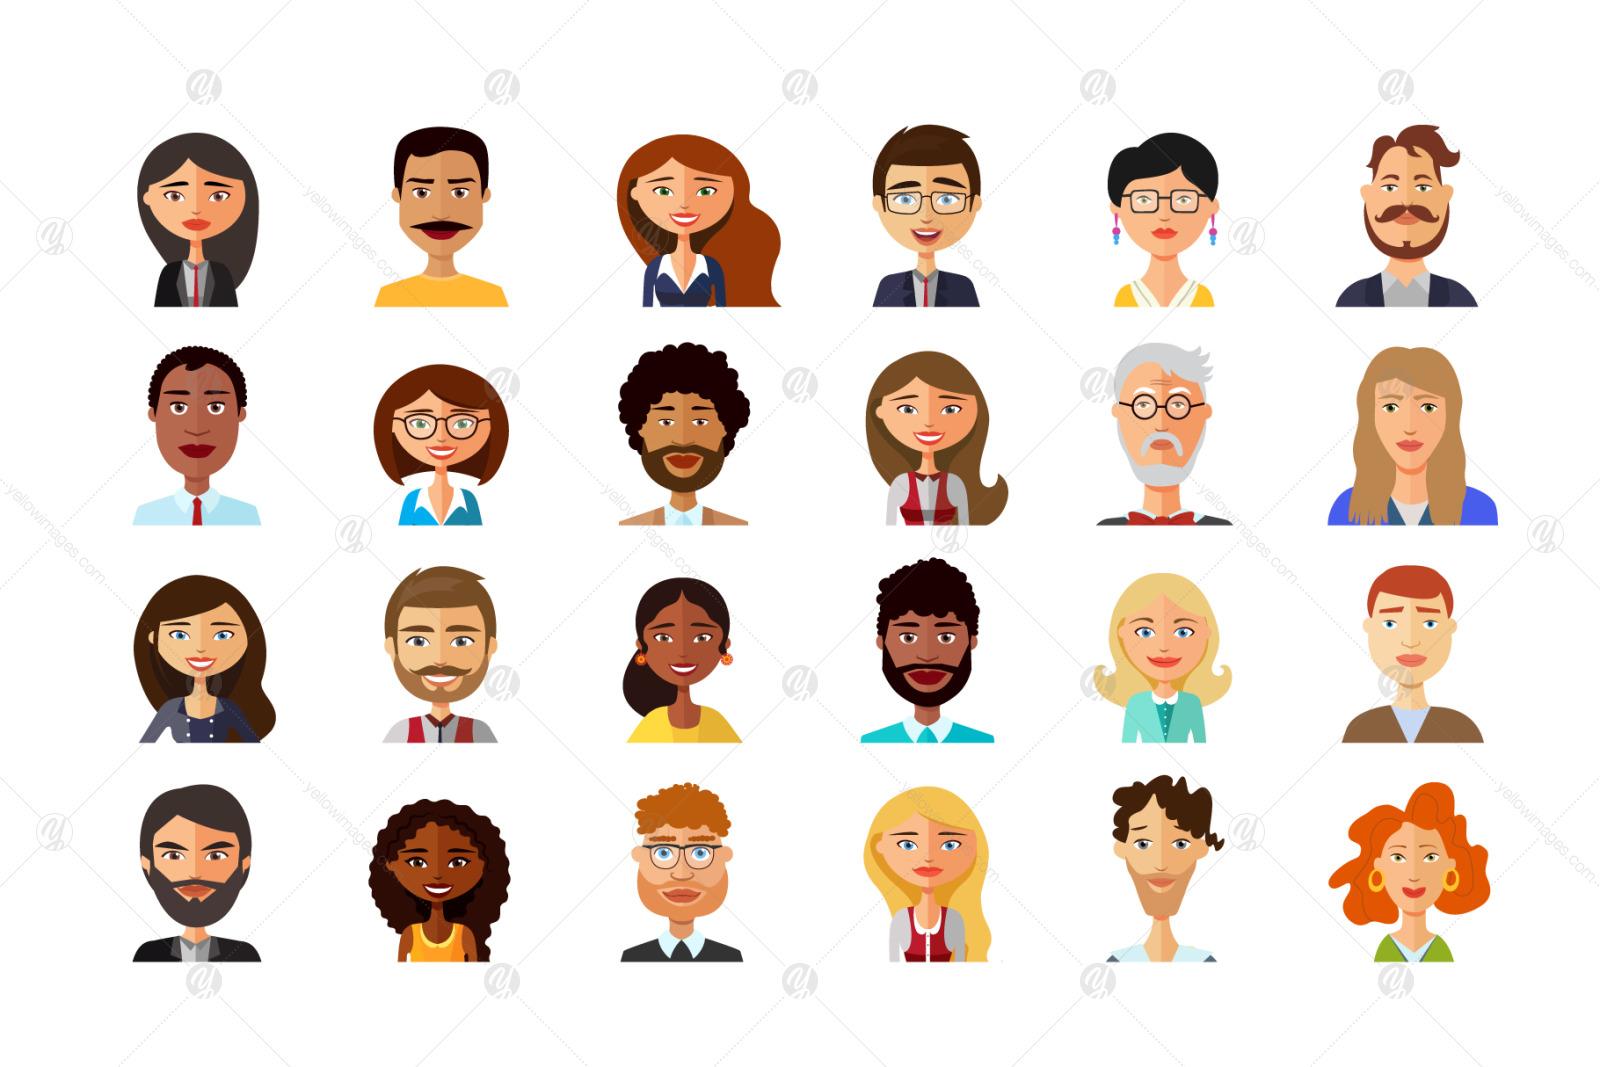 Vector avatars cartoon flat icon